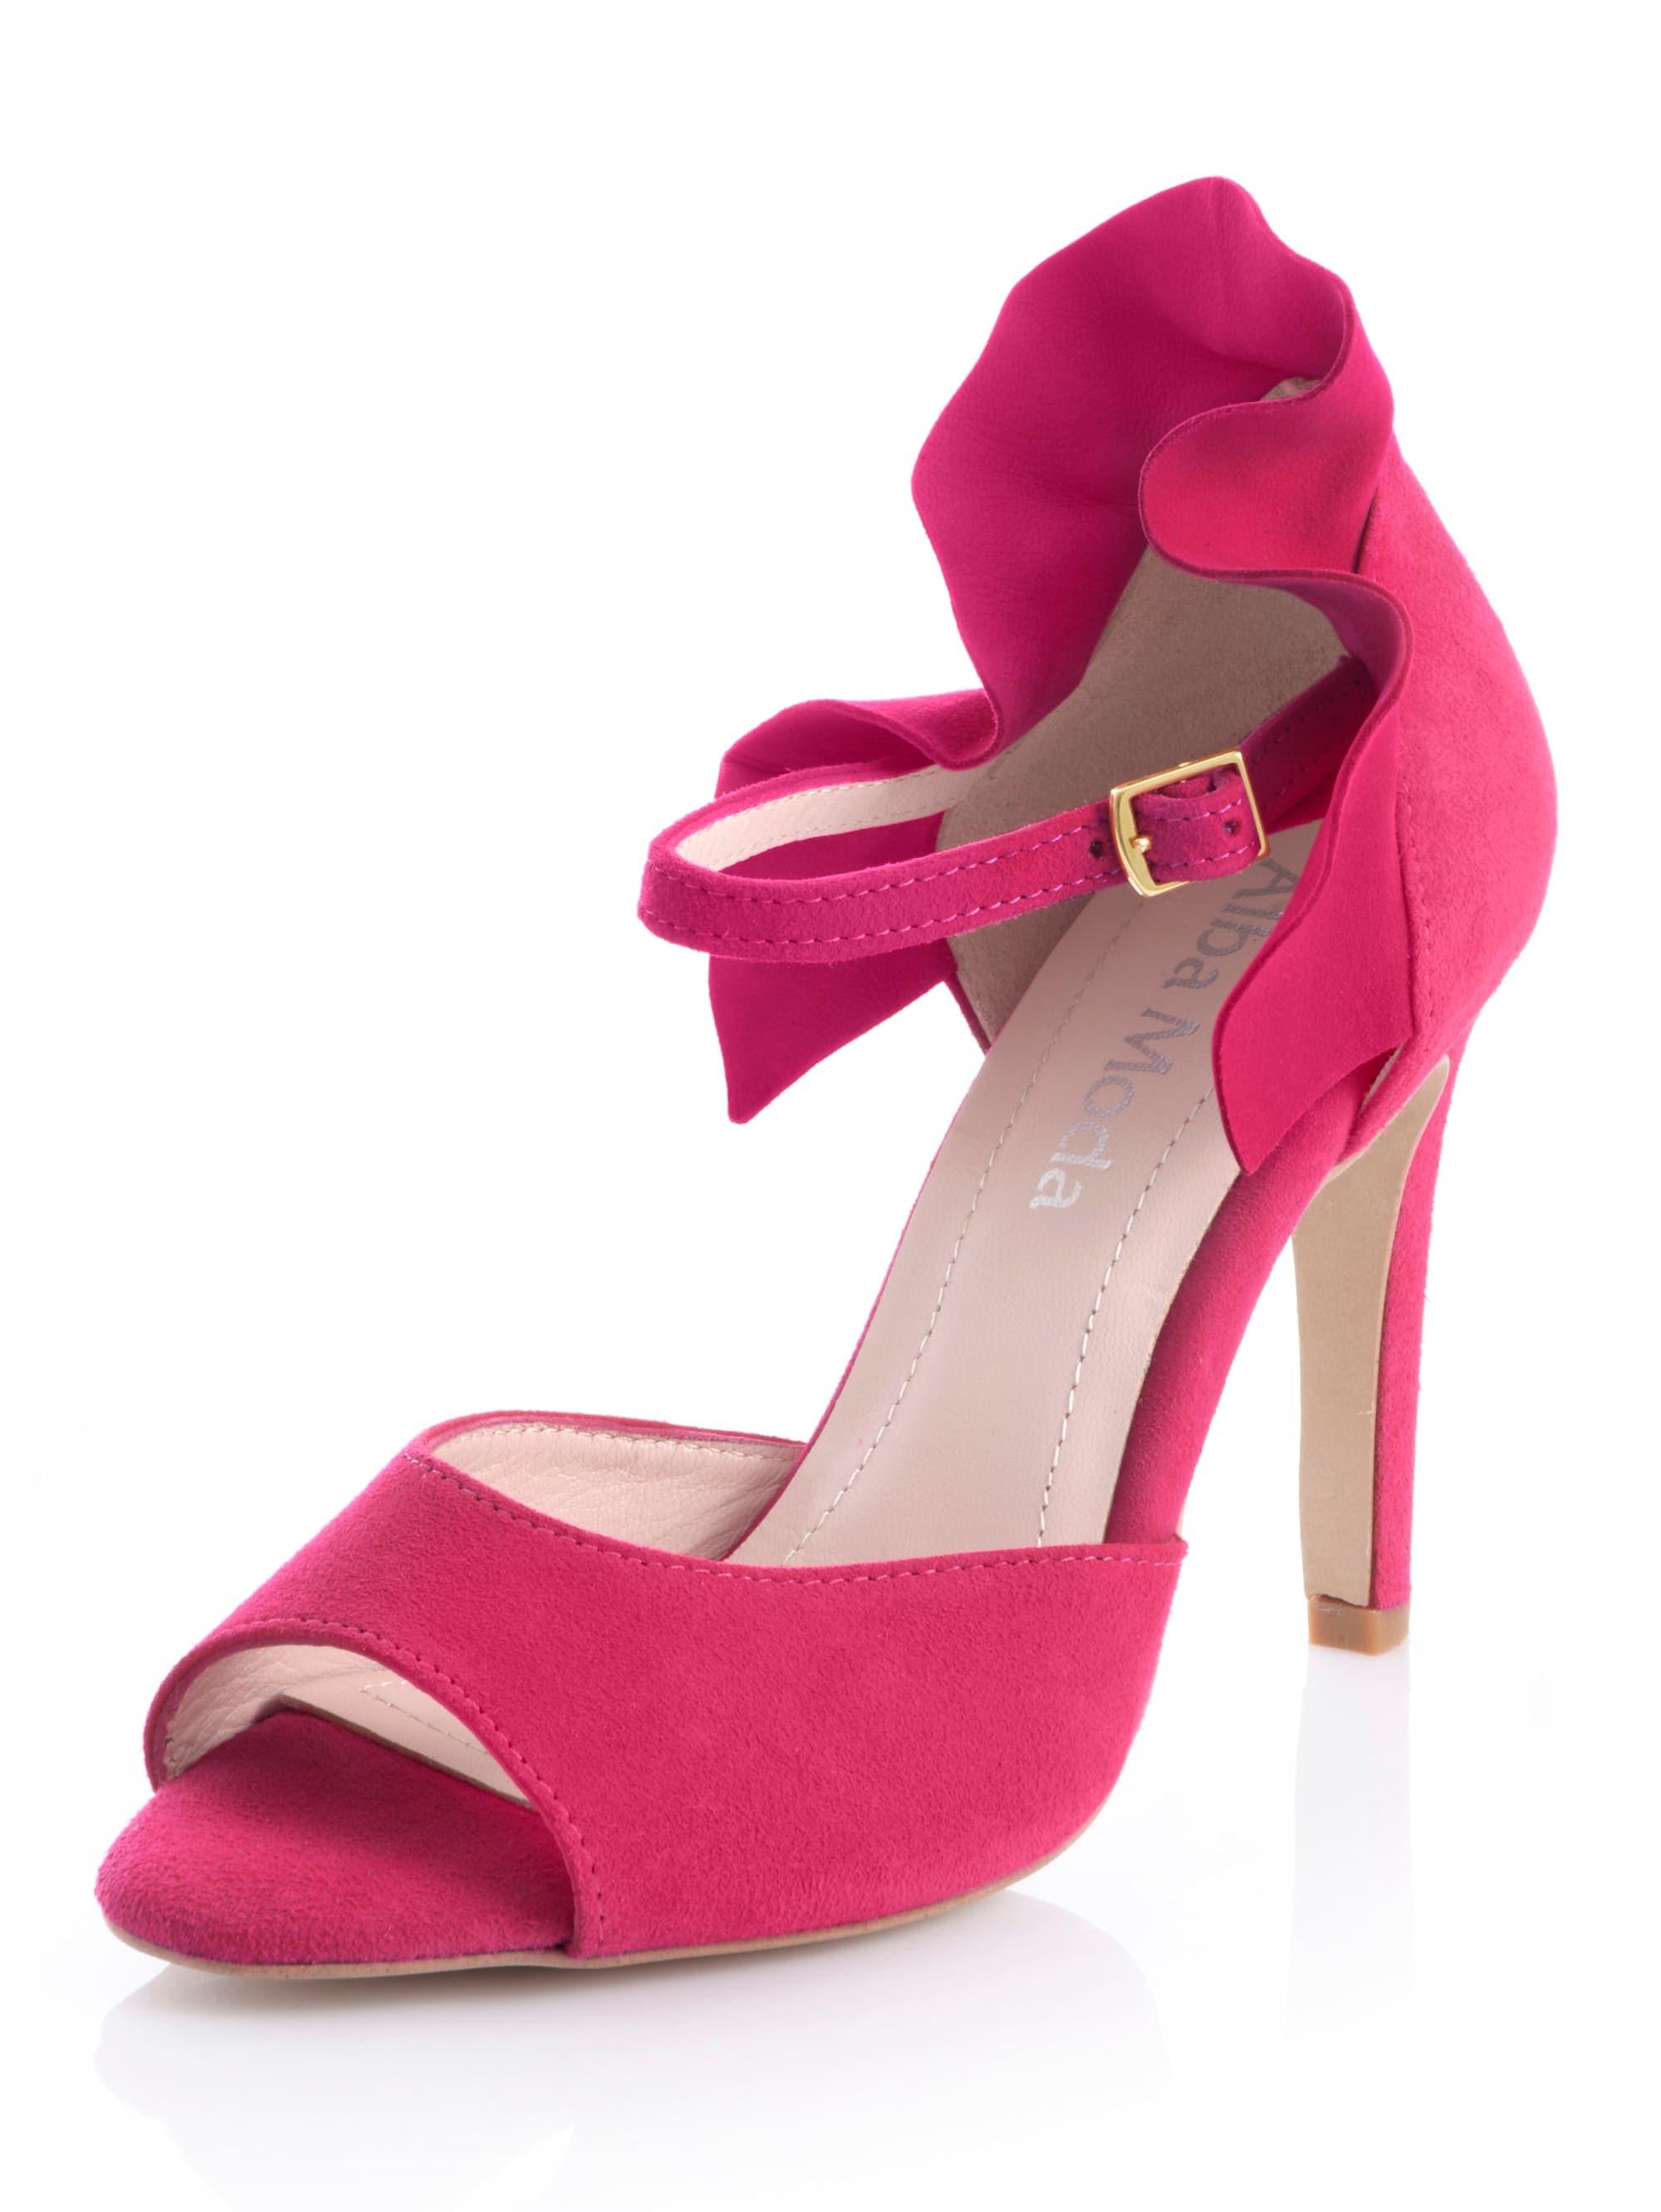 alba moda -  Sandalette, mit Volants-Detail